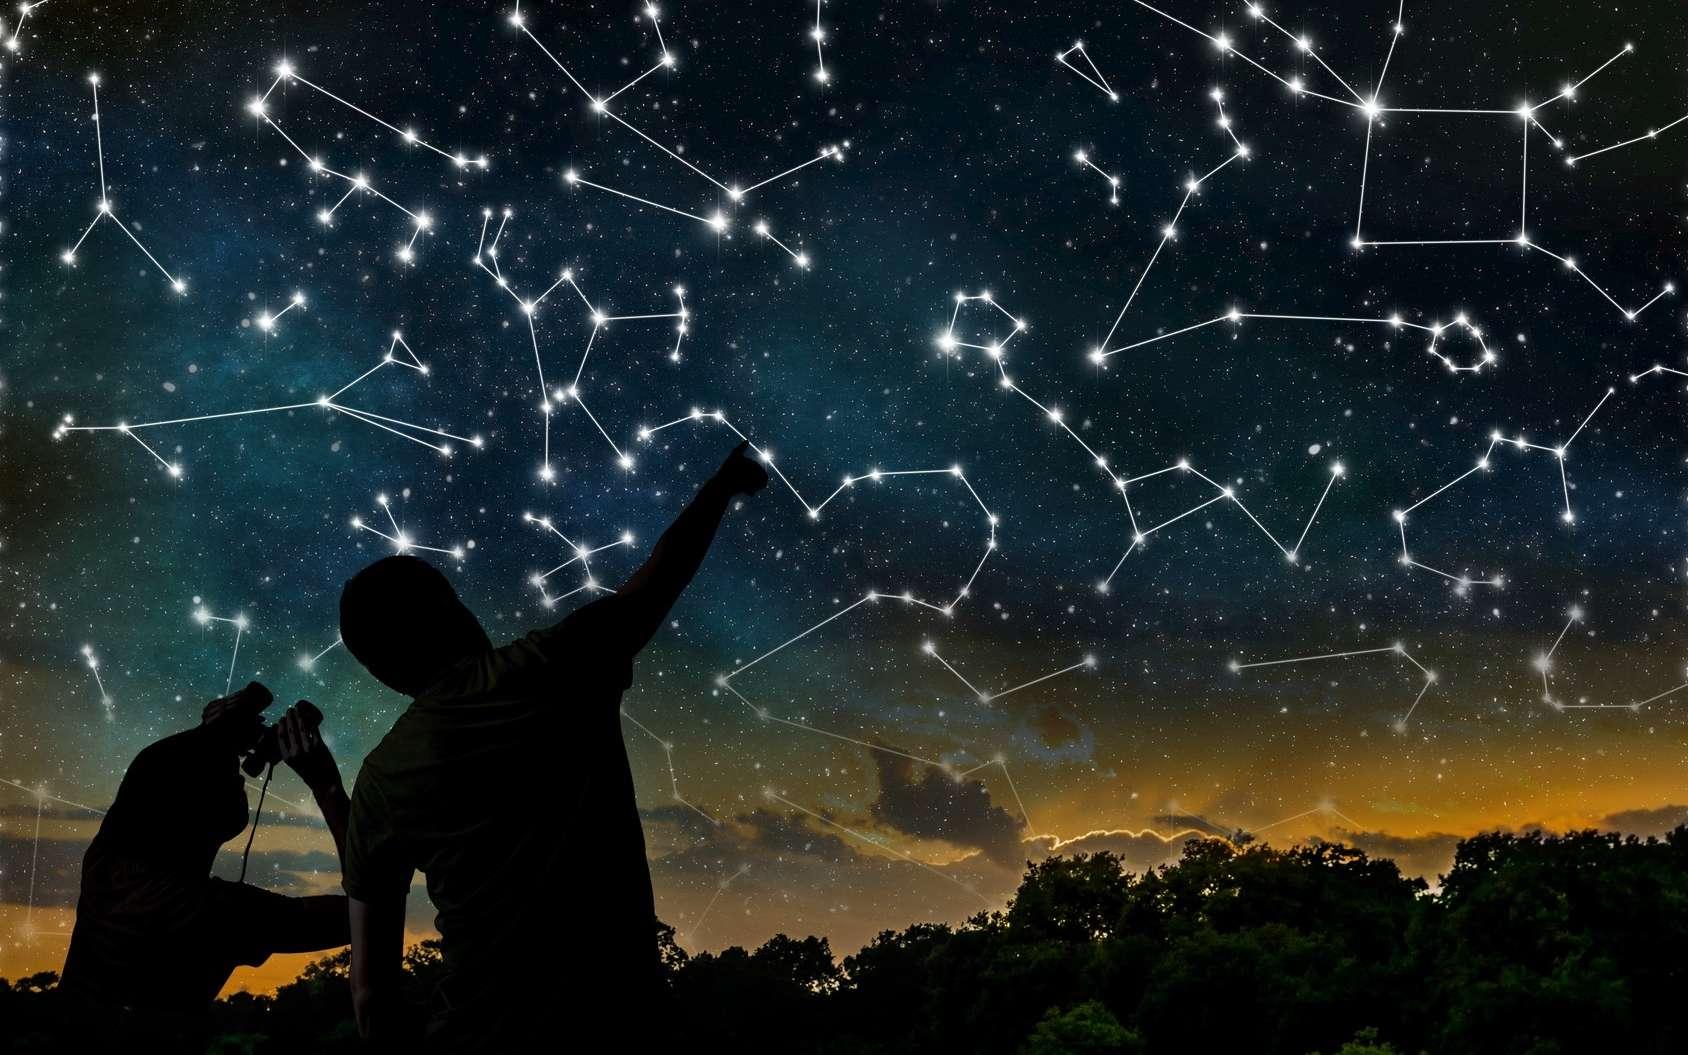 Les constellations du zodiaque se situent dans une bande de ciel dans laquelle se déplace le Soleil pour un observateur placé sur la Terre. © vchalup, Fotolia